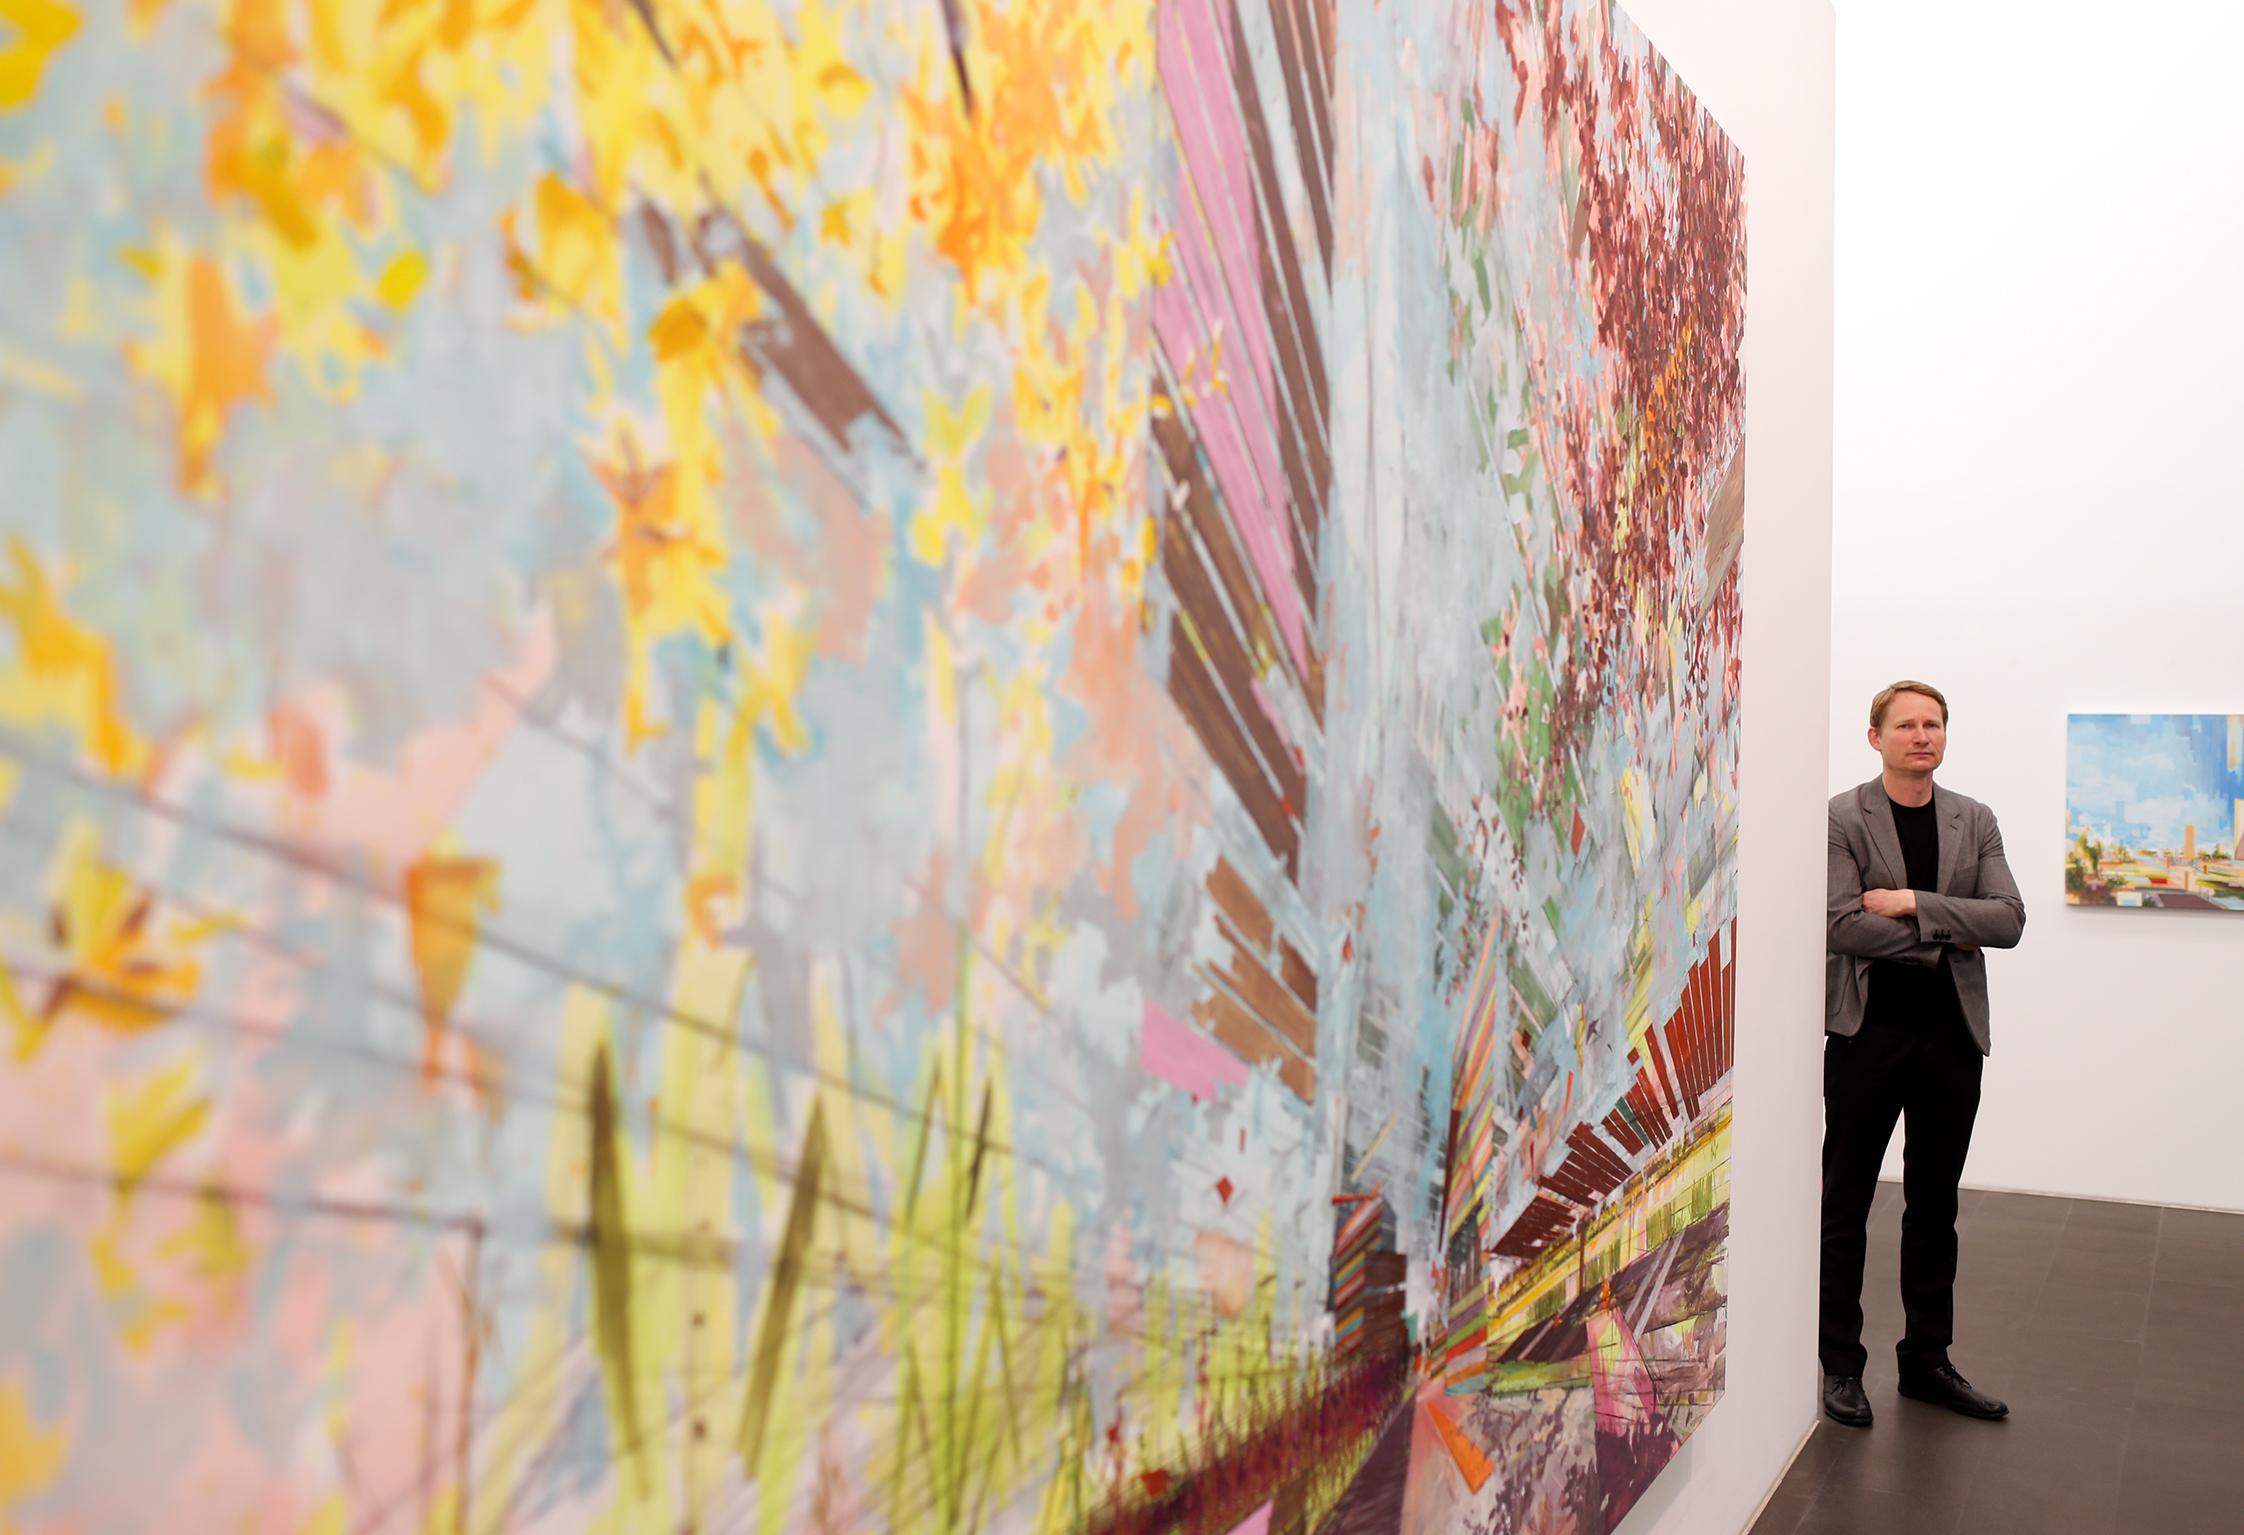 David Schnell neben seinem Bild Thermik von 2007 Foto: Georg Lukas, Essen